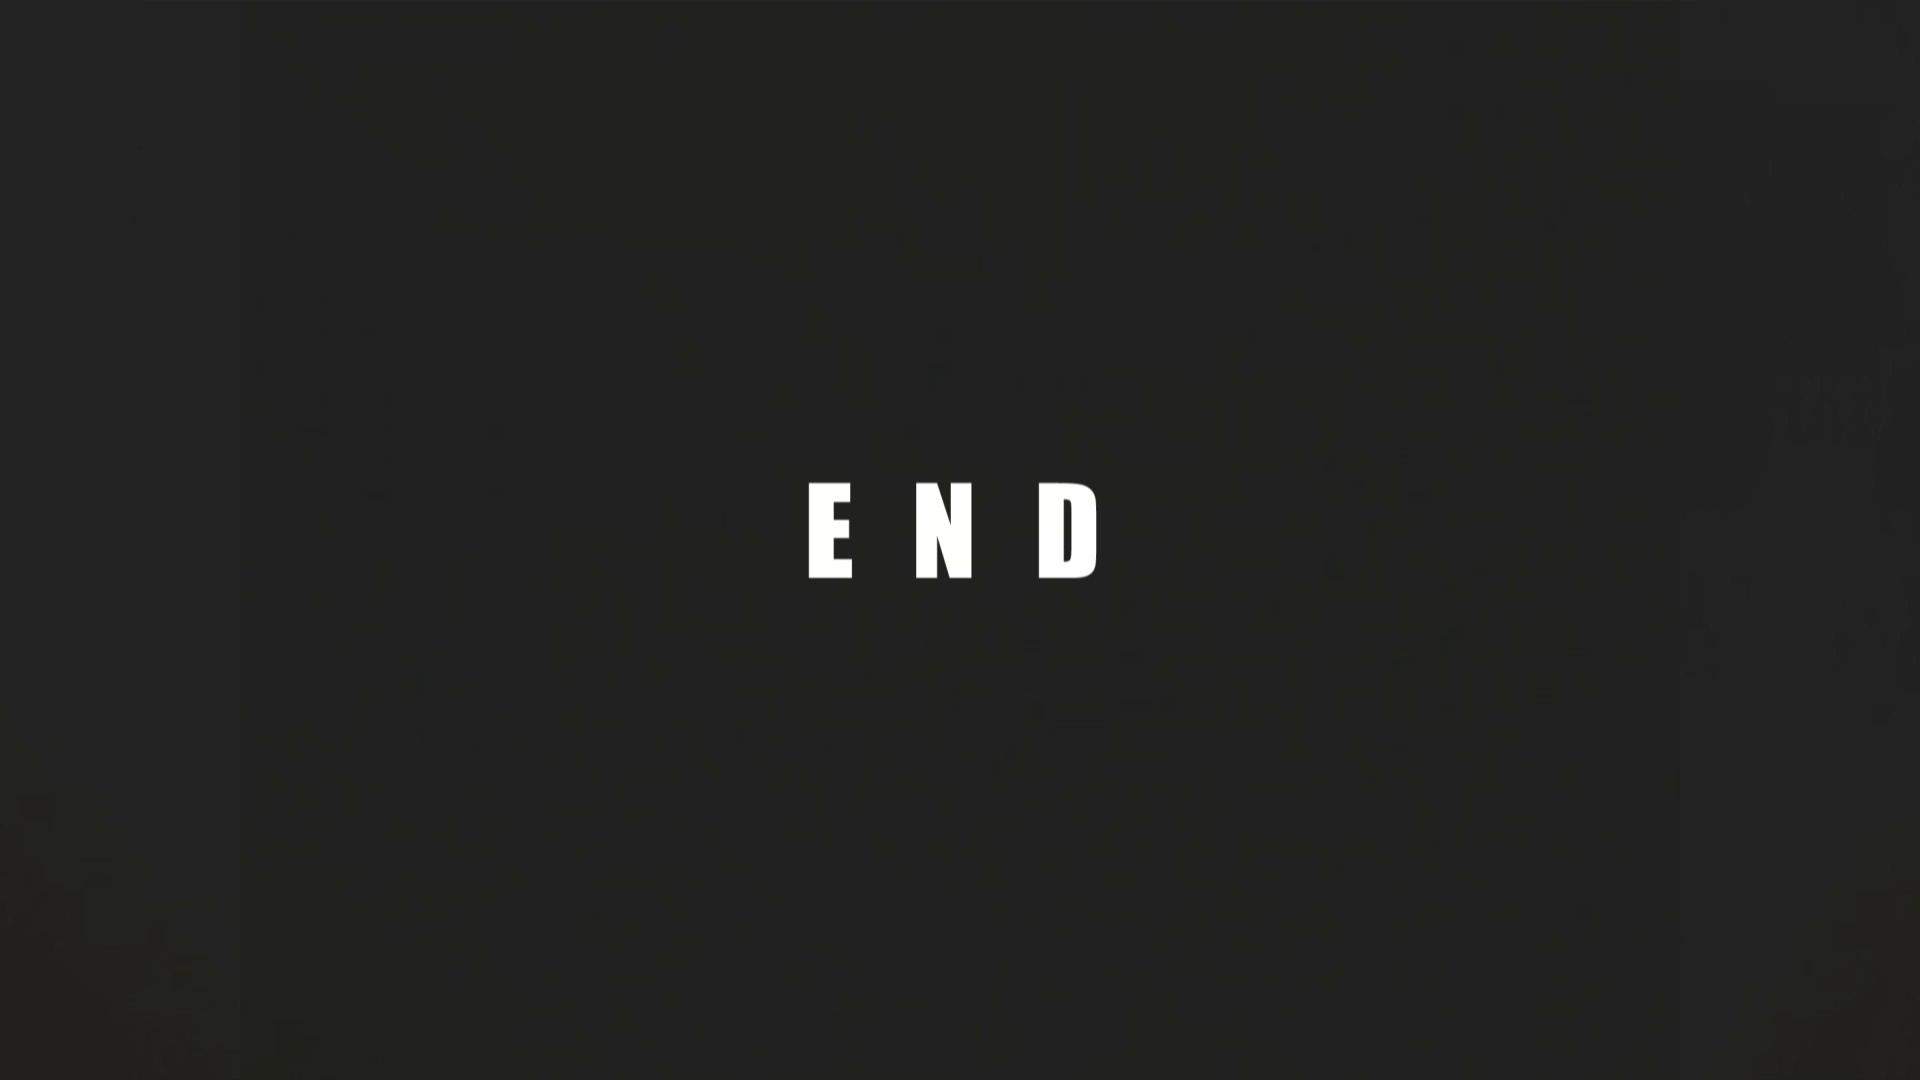 至高下半身盗撮-PREMIUM-【院内病棟編 】VOL2 OL | 盗撮エロすぎ  81連発 19